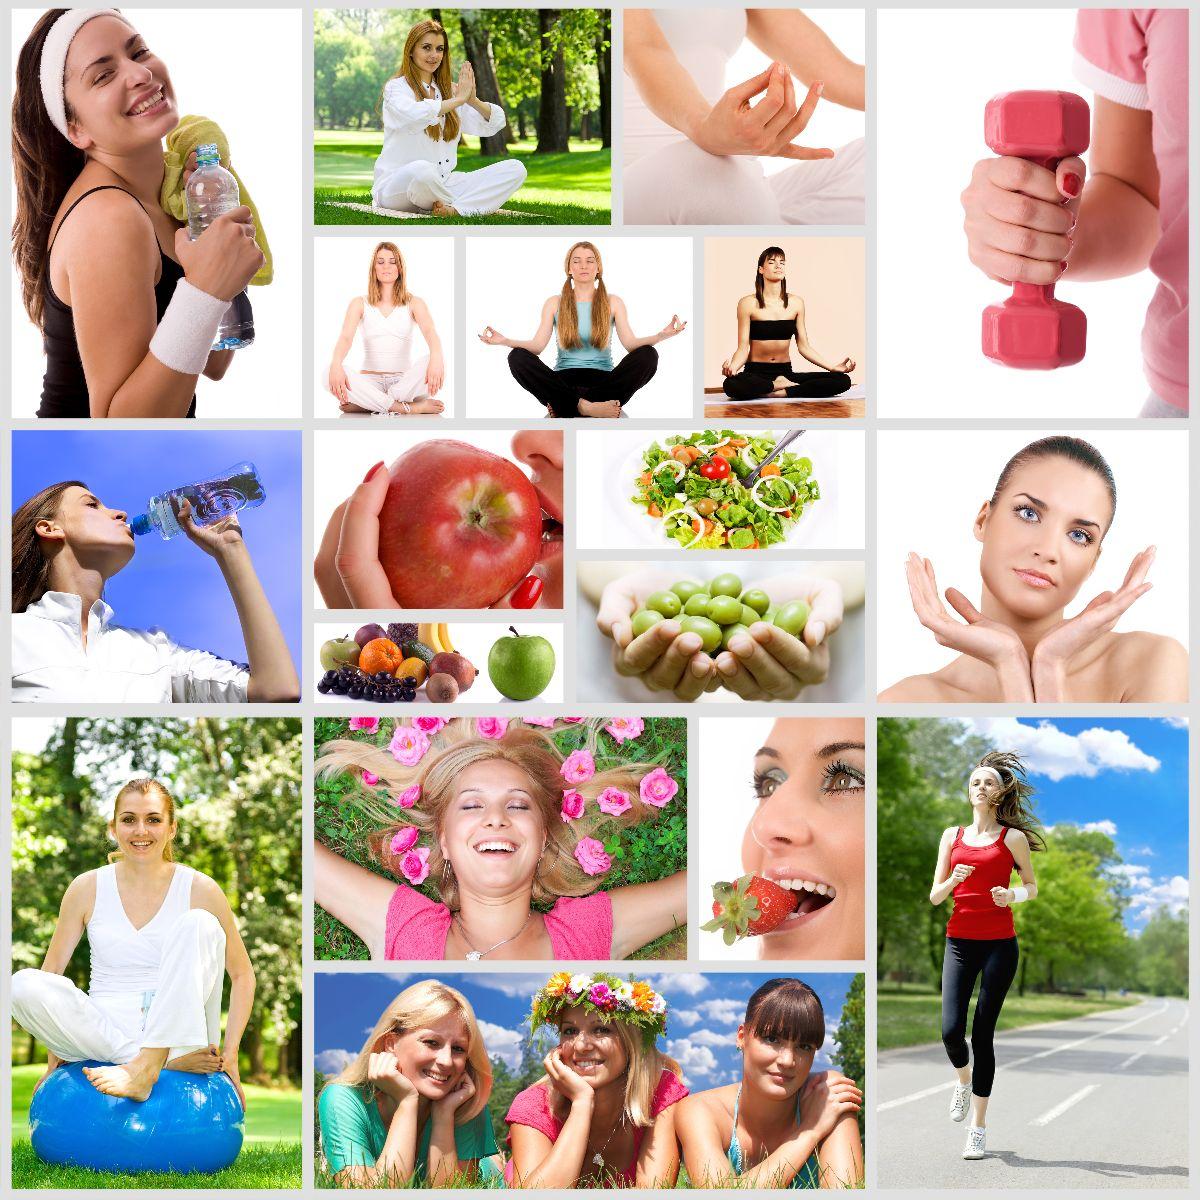 Cartel de fotografías en mosaico de actividades saludables